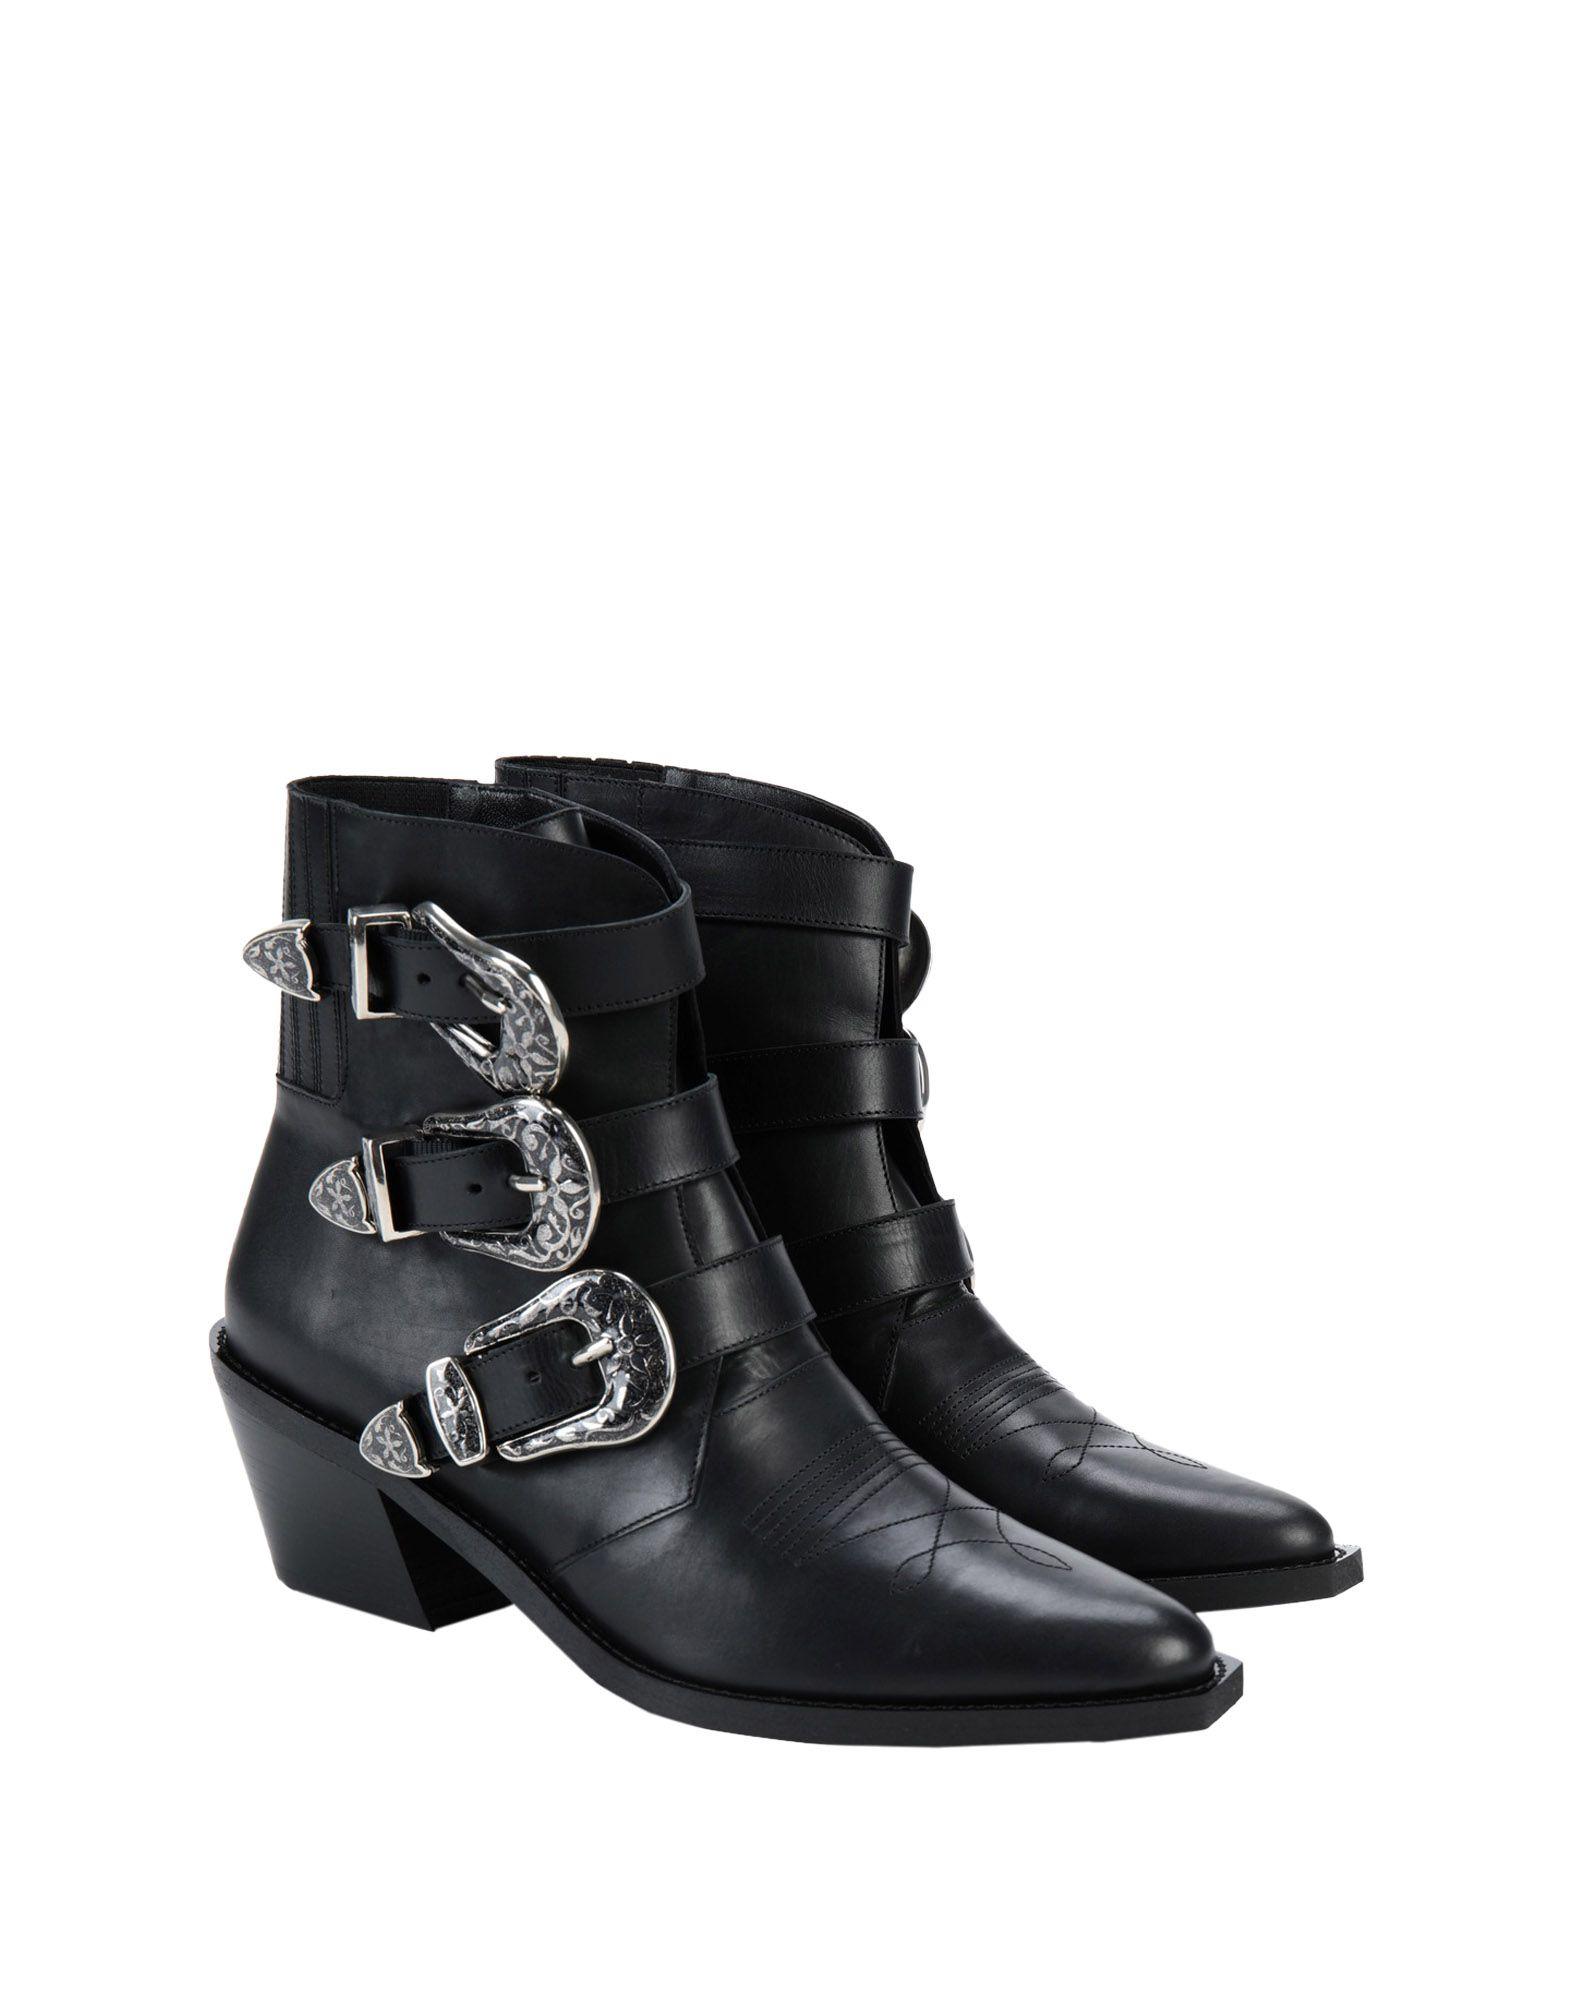 Rabatt Schuhe  Marc Ellis Stiefelette Damen  Schuhe 11533402RI df4055